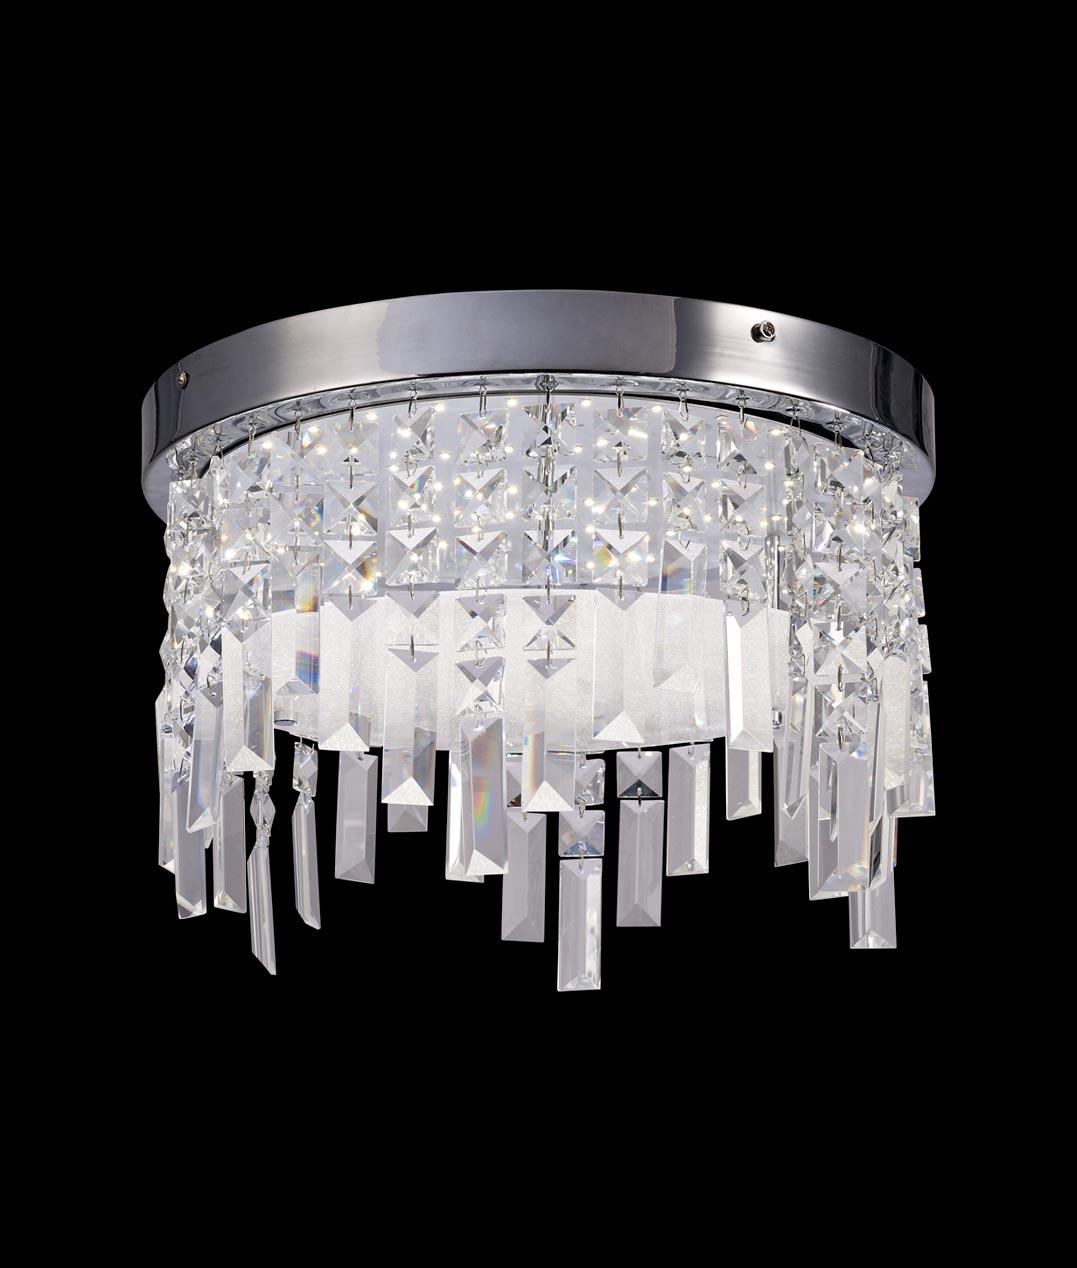 Plafón cristal circular KAWAI LED detalle - La Casa de la Lámpara